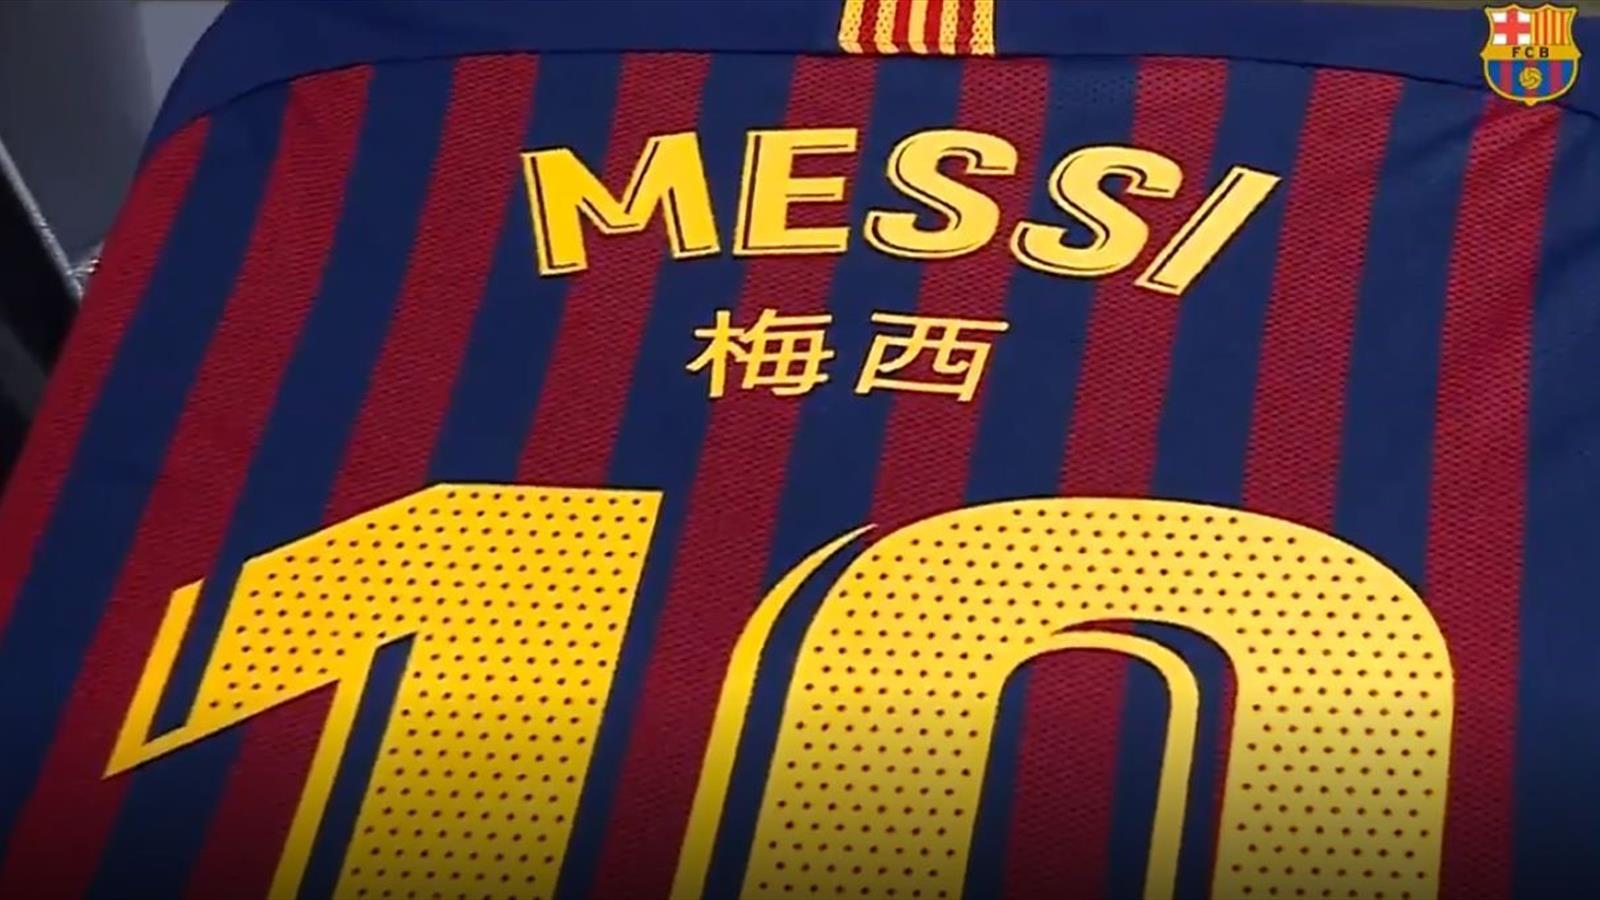 VIDEO - Los jugadores del Barça lucirán su nombre en chino en el Clásico -  Copa del Rey - Video Eurosport Espana e58ea7ef5e8